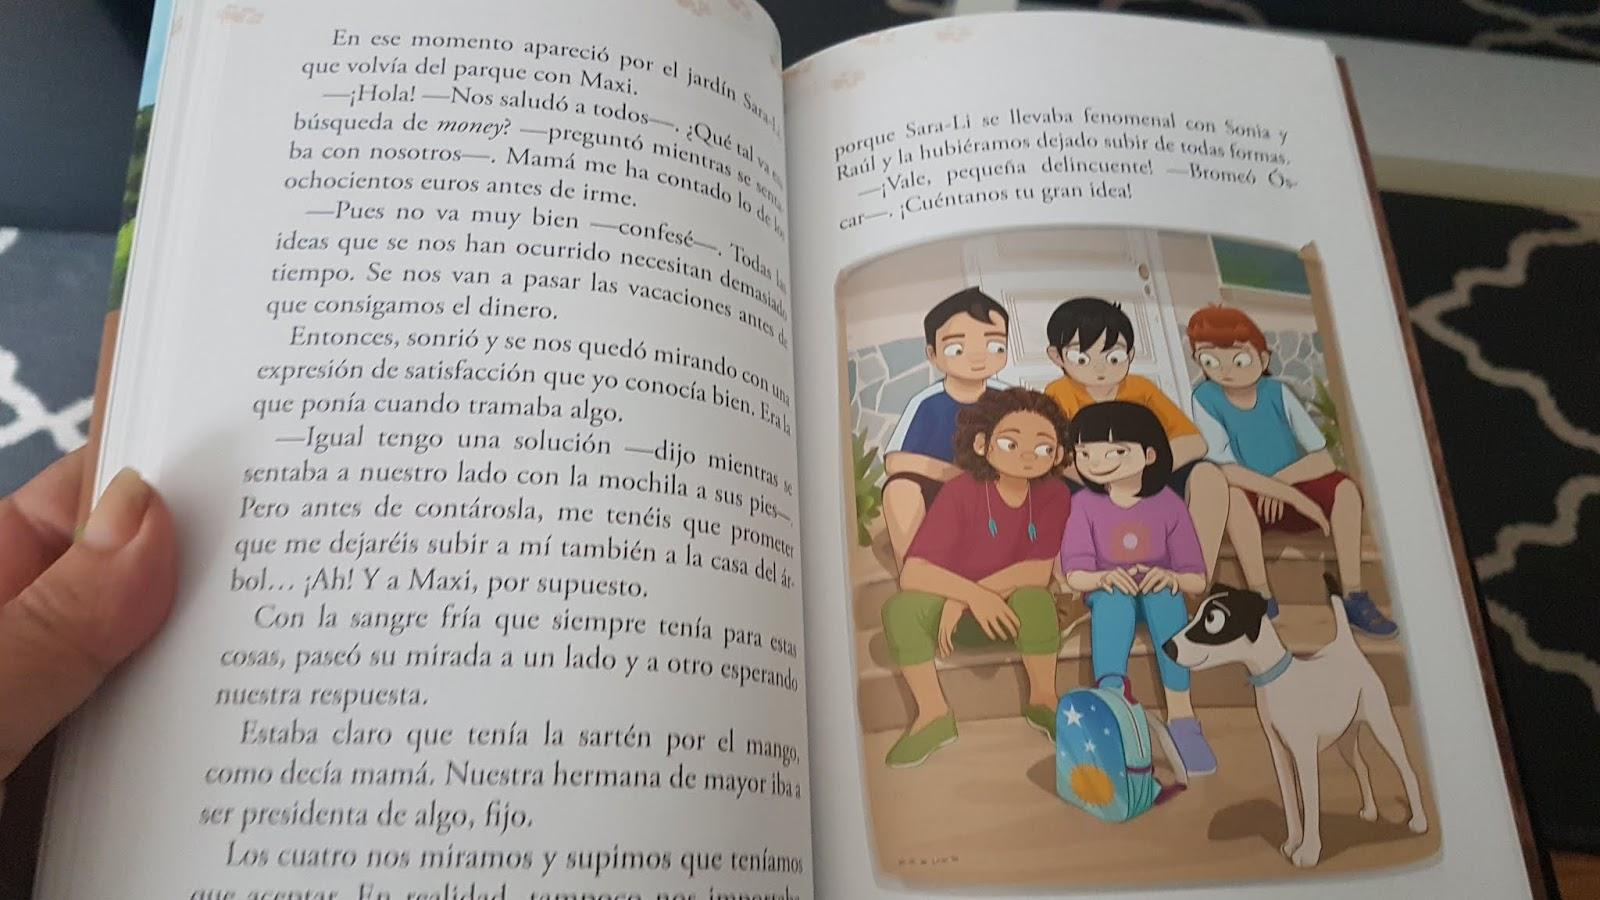 Las ilustraciones de Patricia, tal y como os comenté en la reseña del libro  anterior, son una maravilla. Muy bonitas y expresivas, alegres, ...